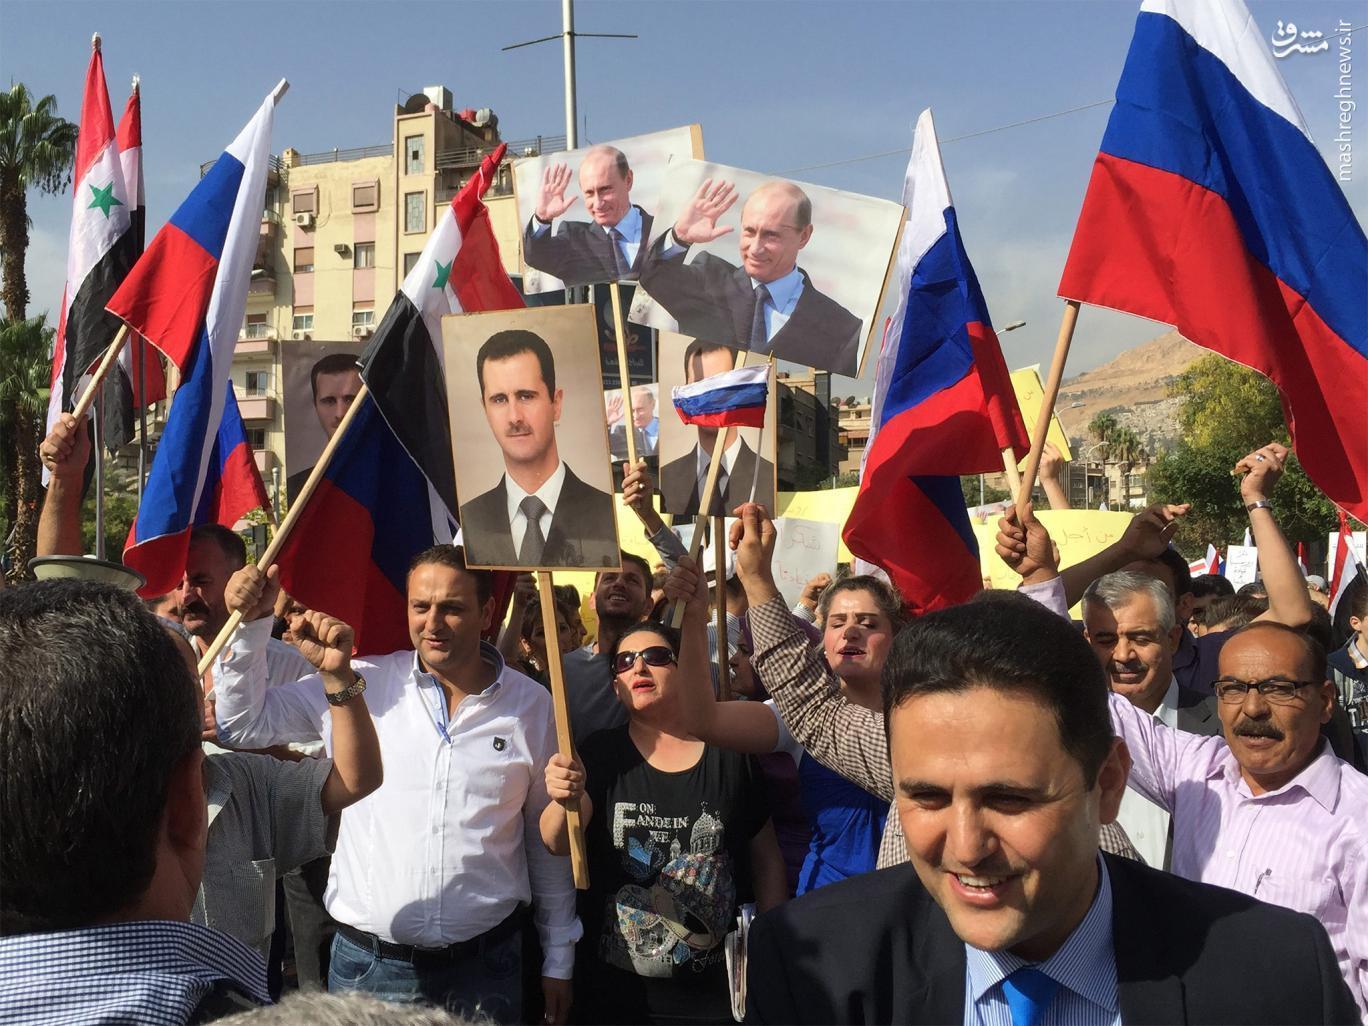 در پس نگرانی اسرائيل از تحرکات روسها در میدان سوریه چه نهفته است/// یا//  آیا تحرکات روسها در سوریه به نفع رژیم صهیونیستی است؟/ آماده انتشار / آقای غلامی/فوری